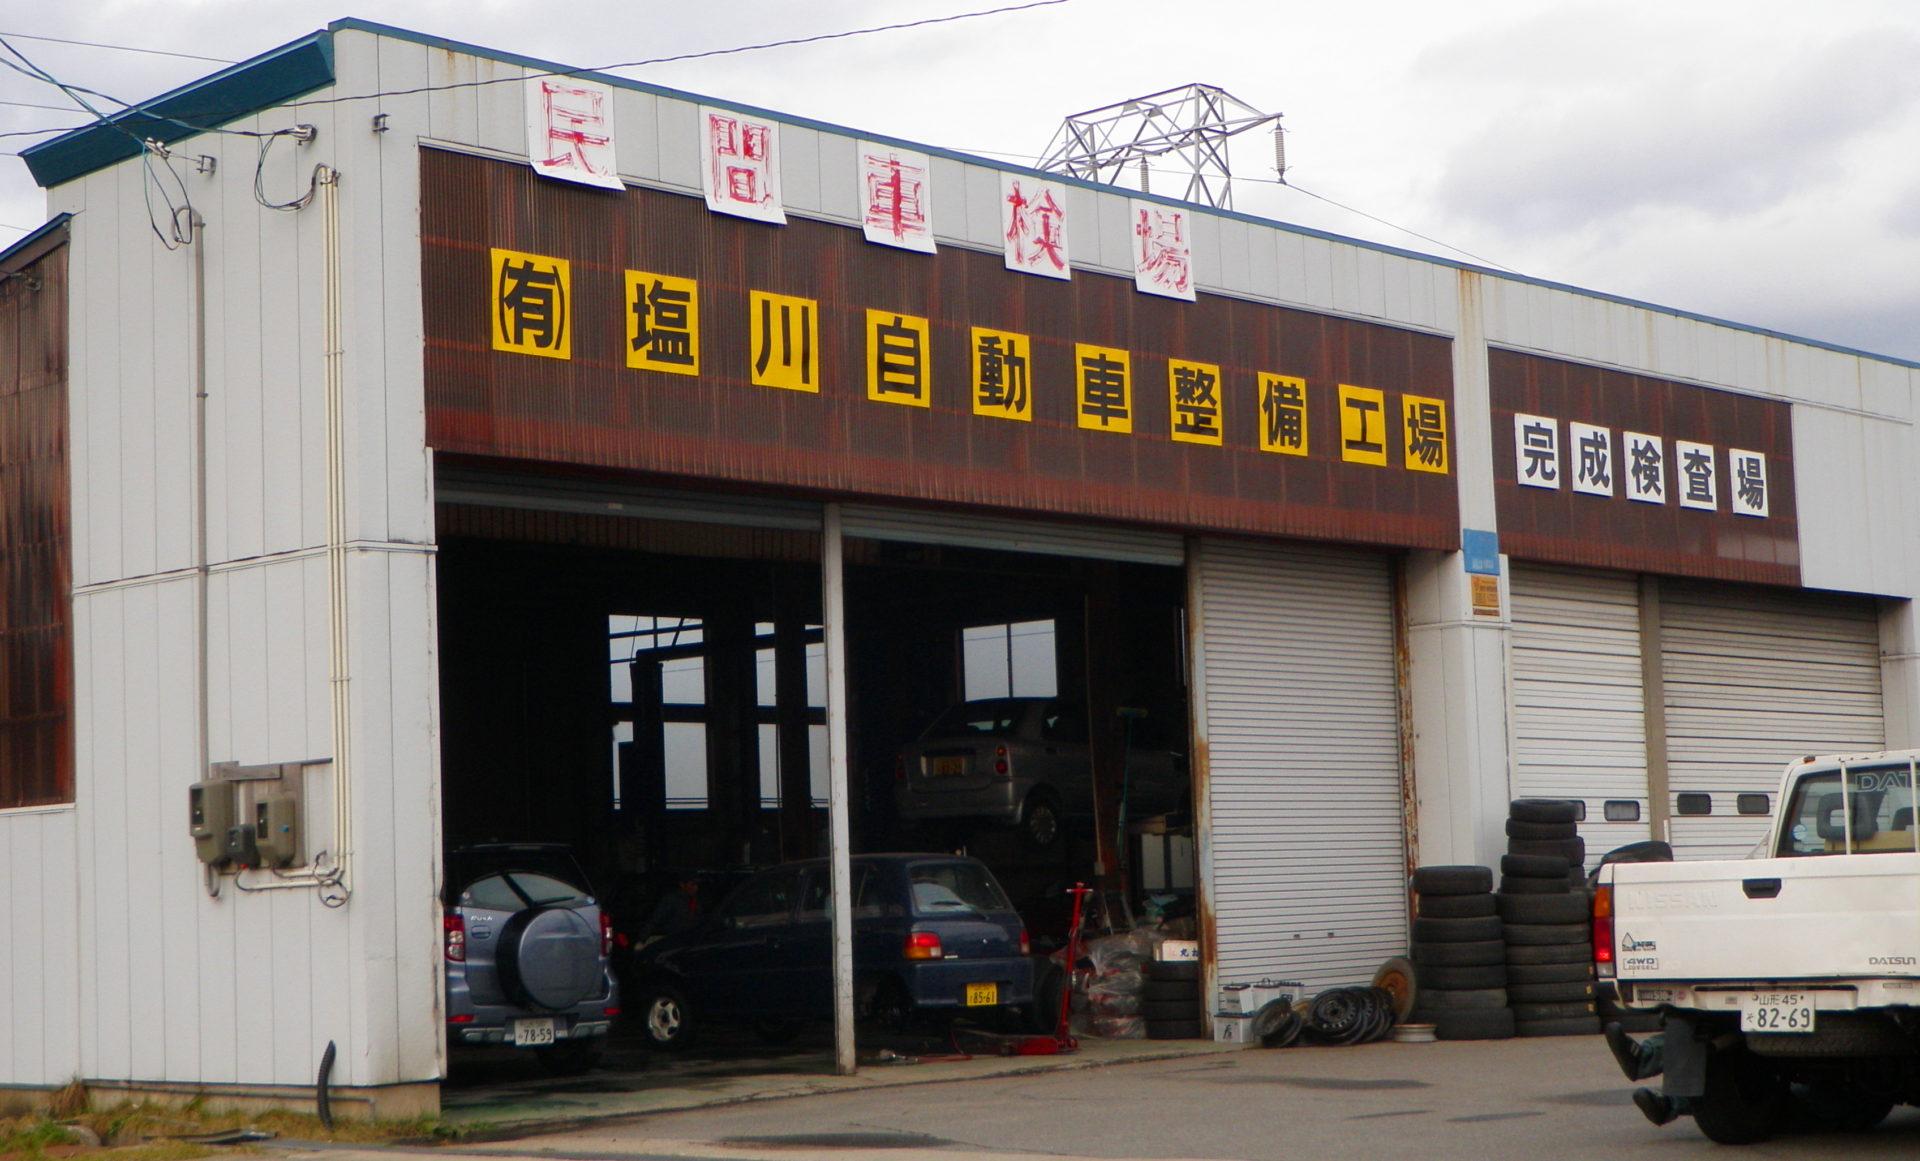 ㈲塩川自動車整備工場